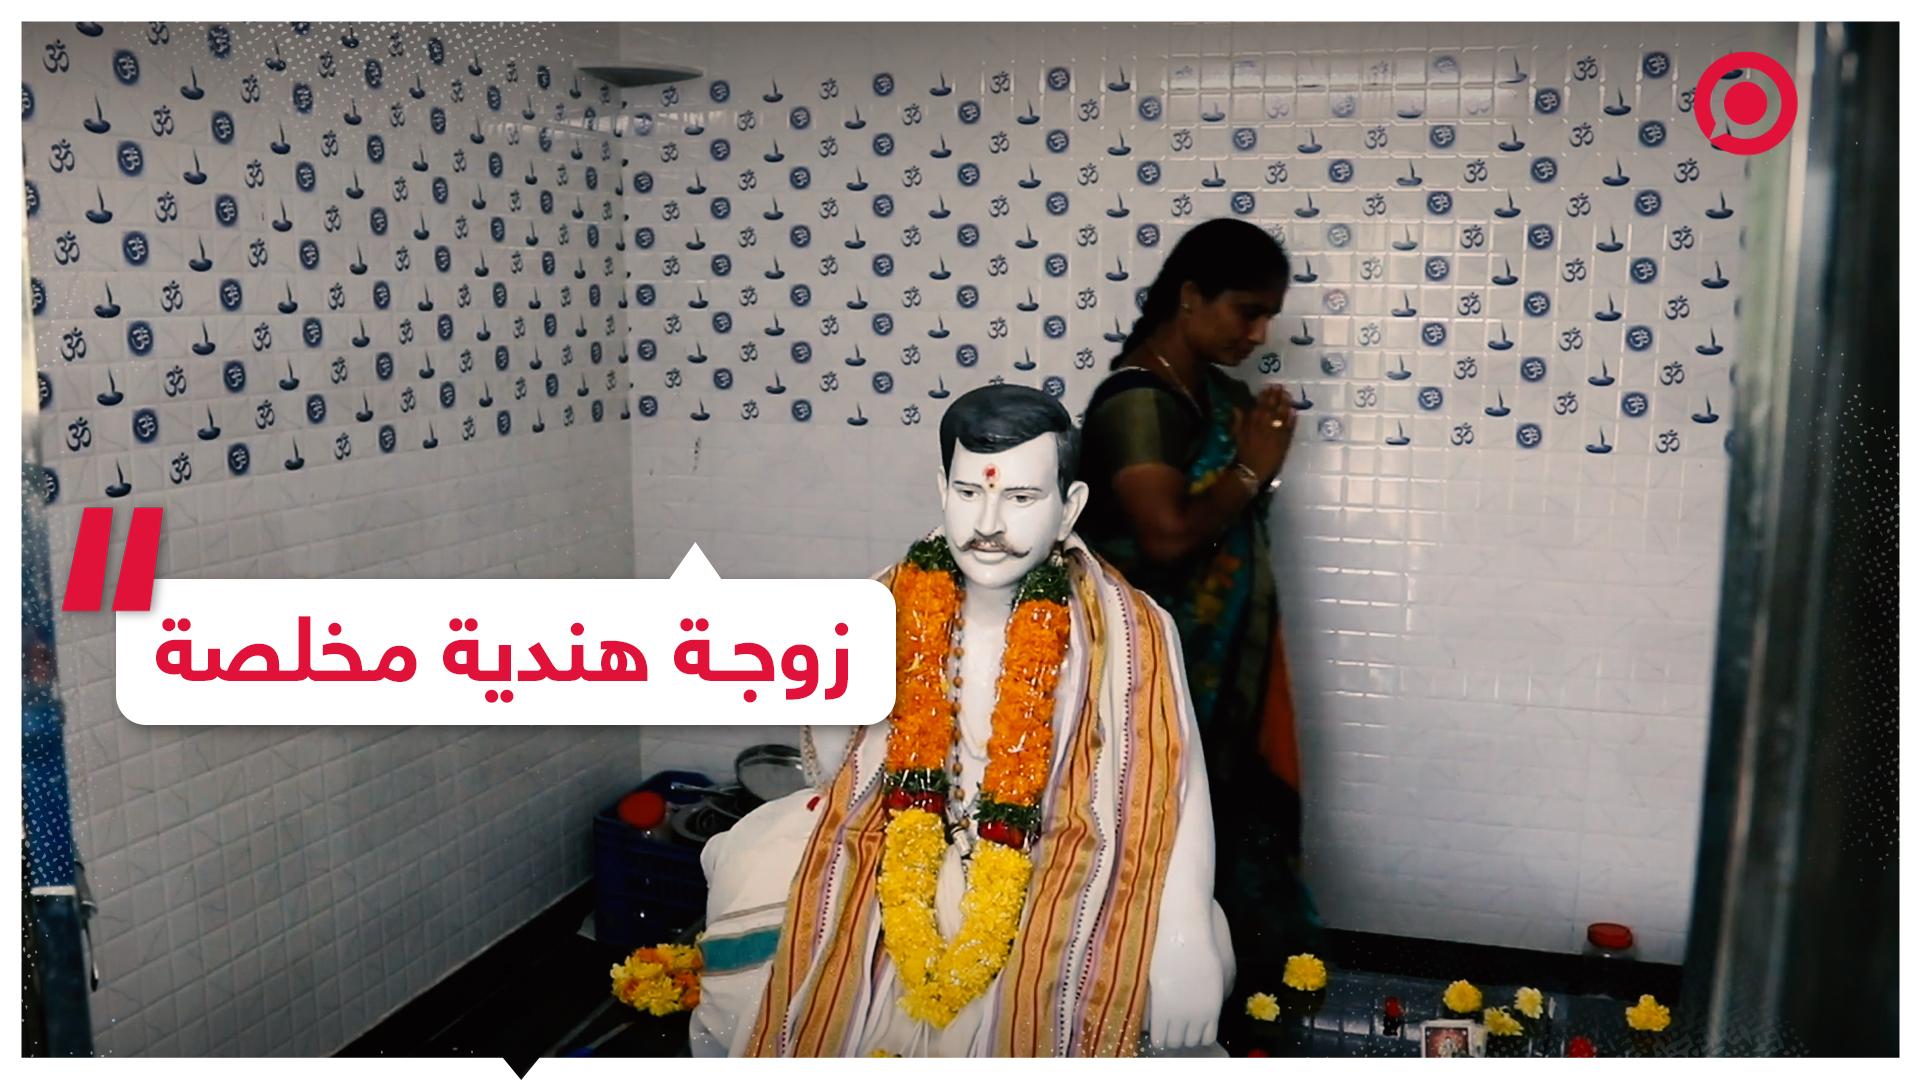 زوجة هندية تبني معبدا لزوجها المتوفي وتصلي له يوميا